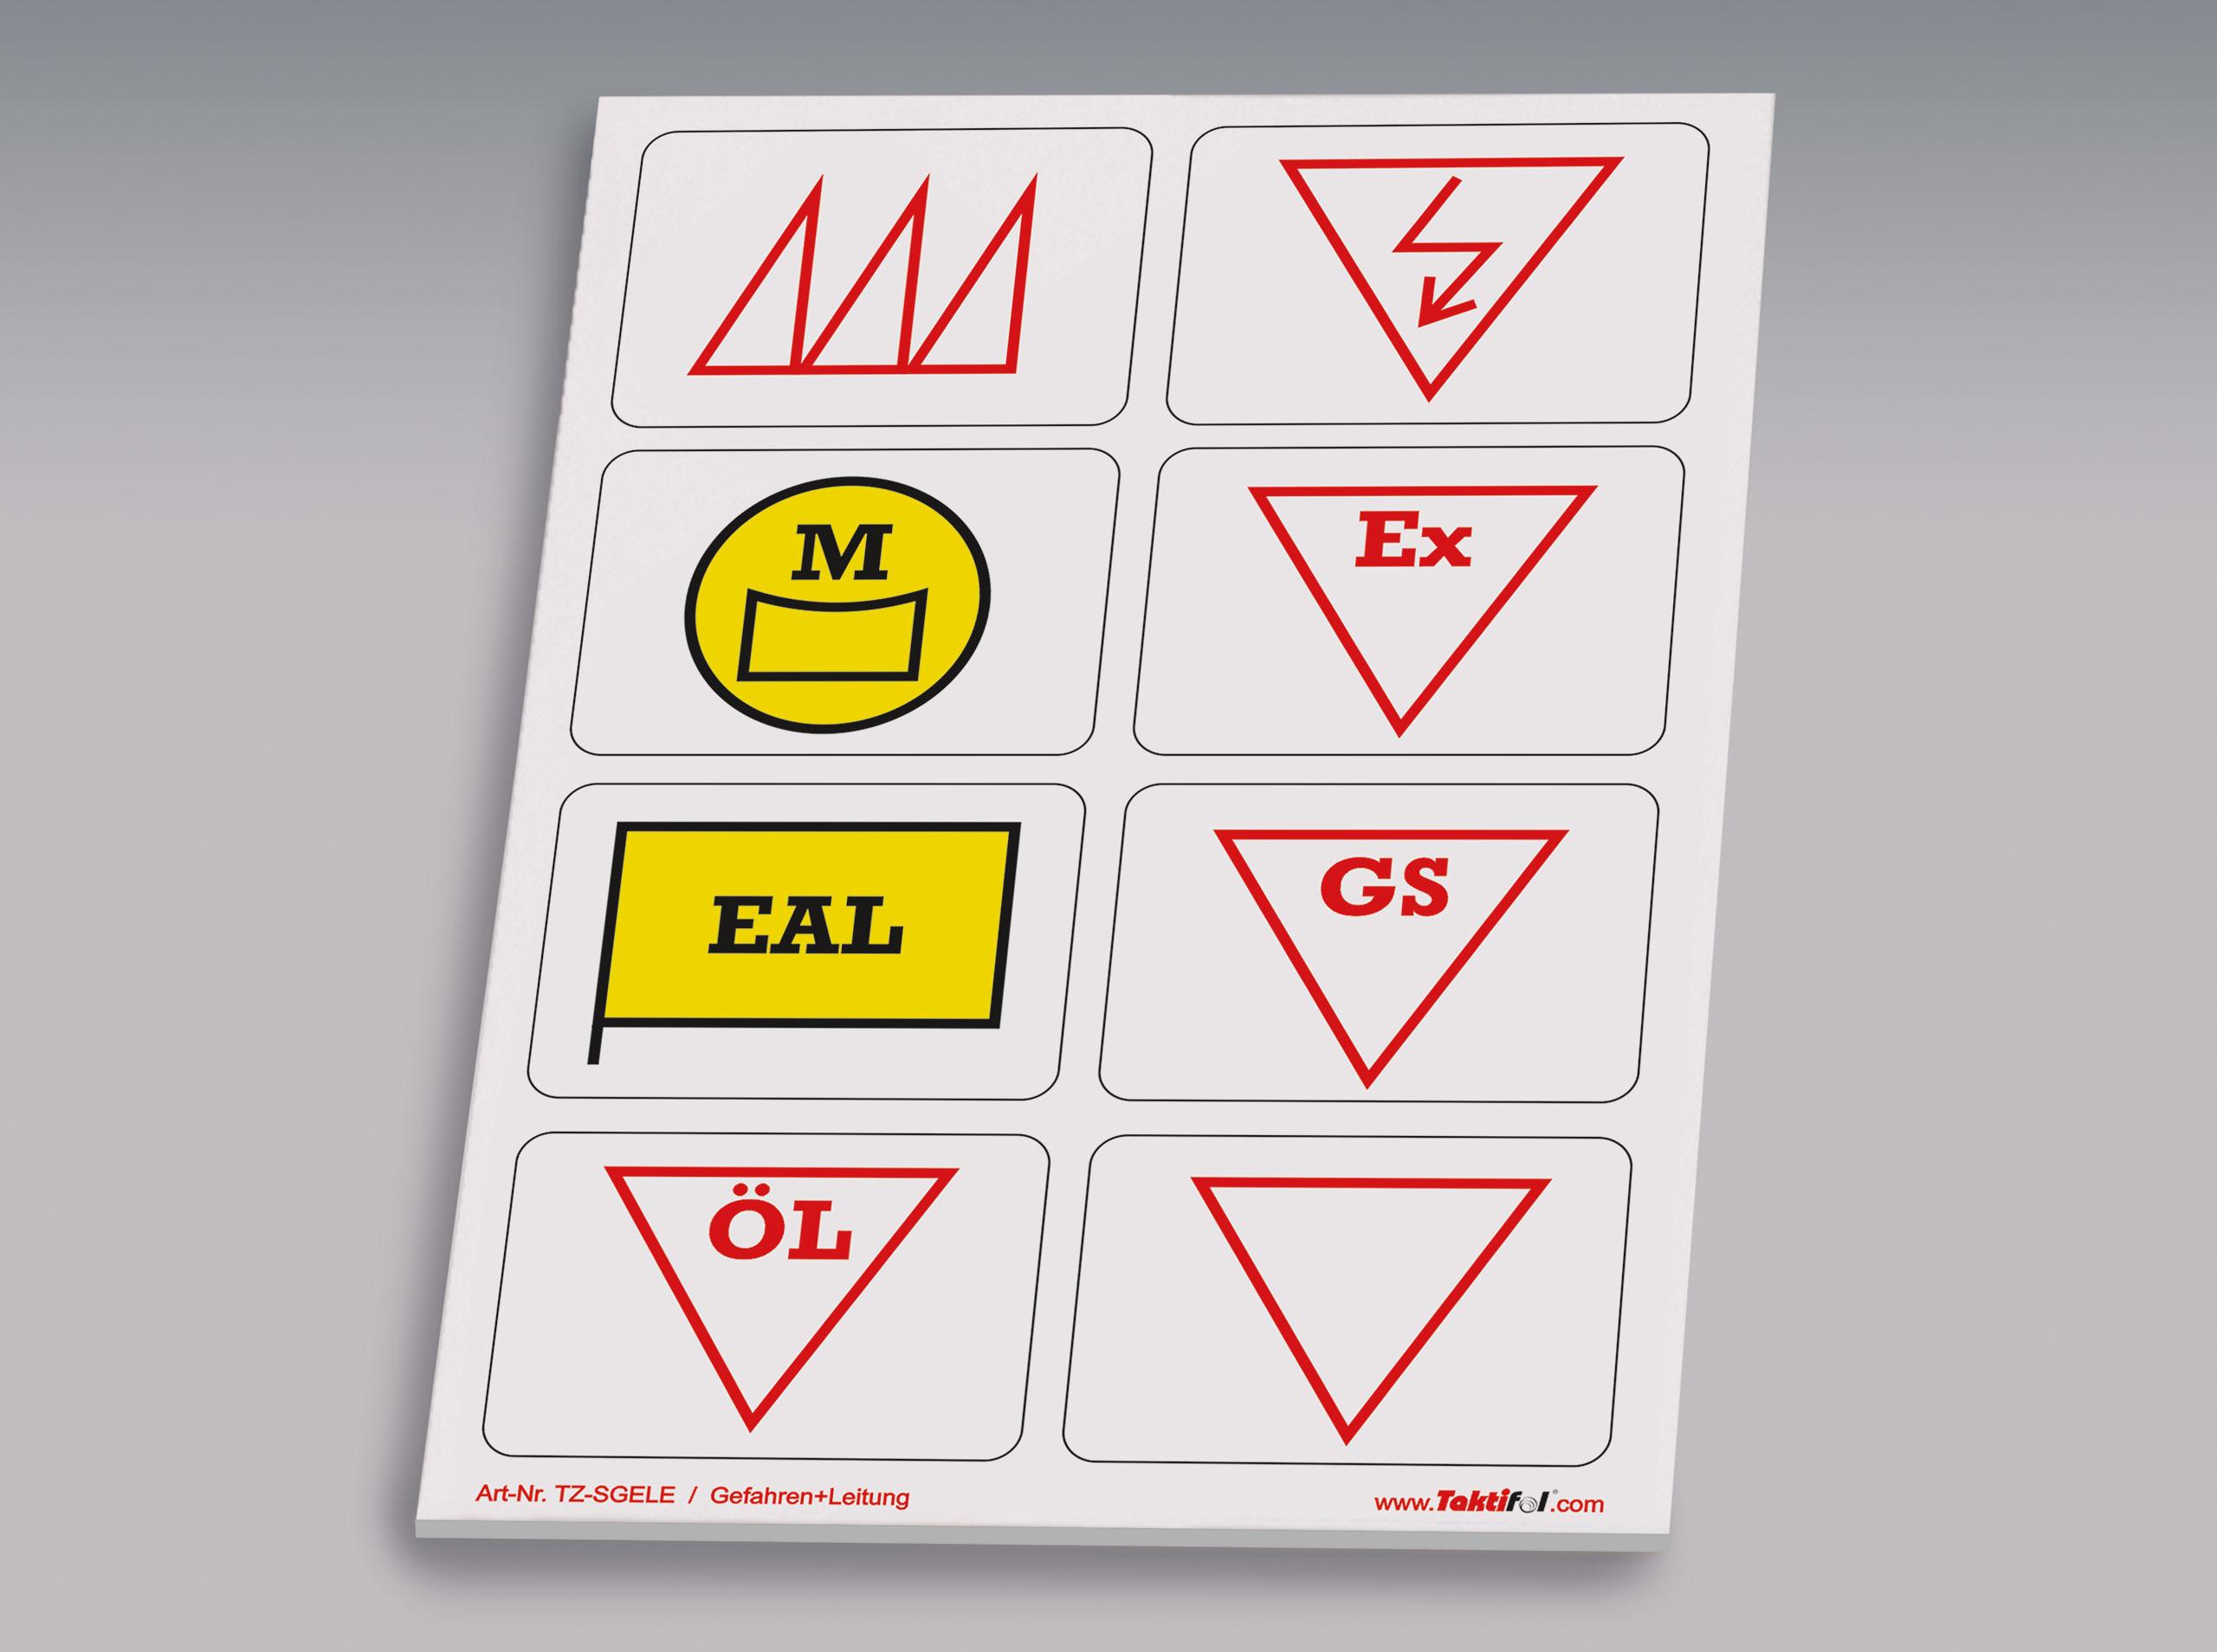 Taktische Zeichen Gefahren-Leitung